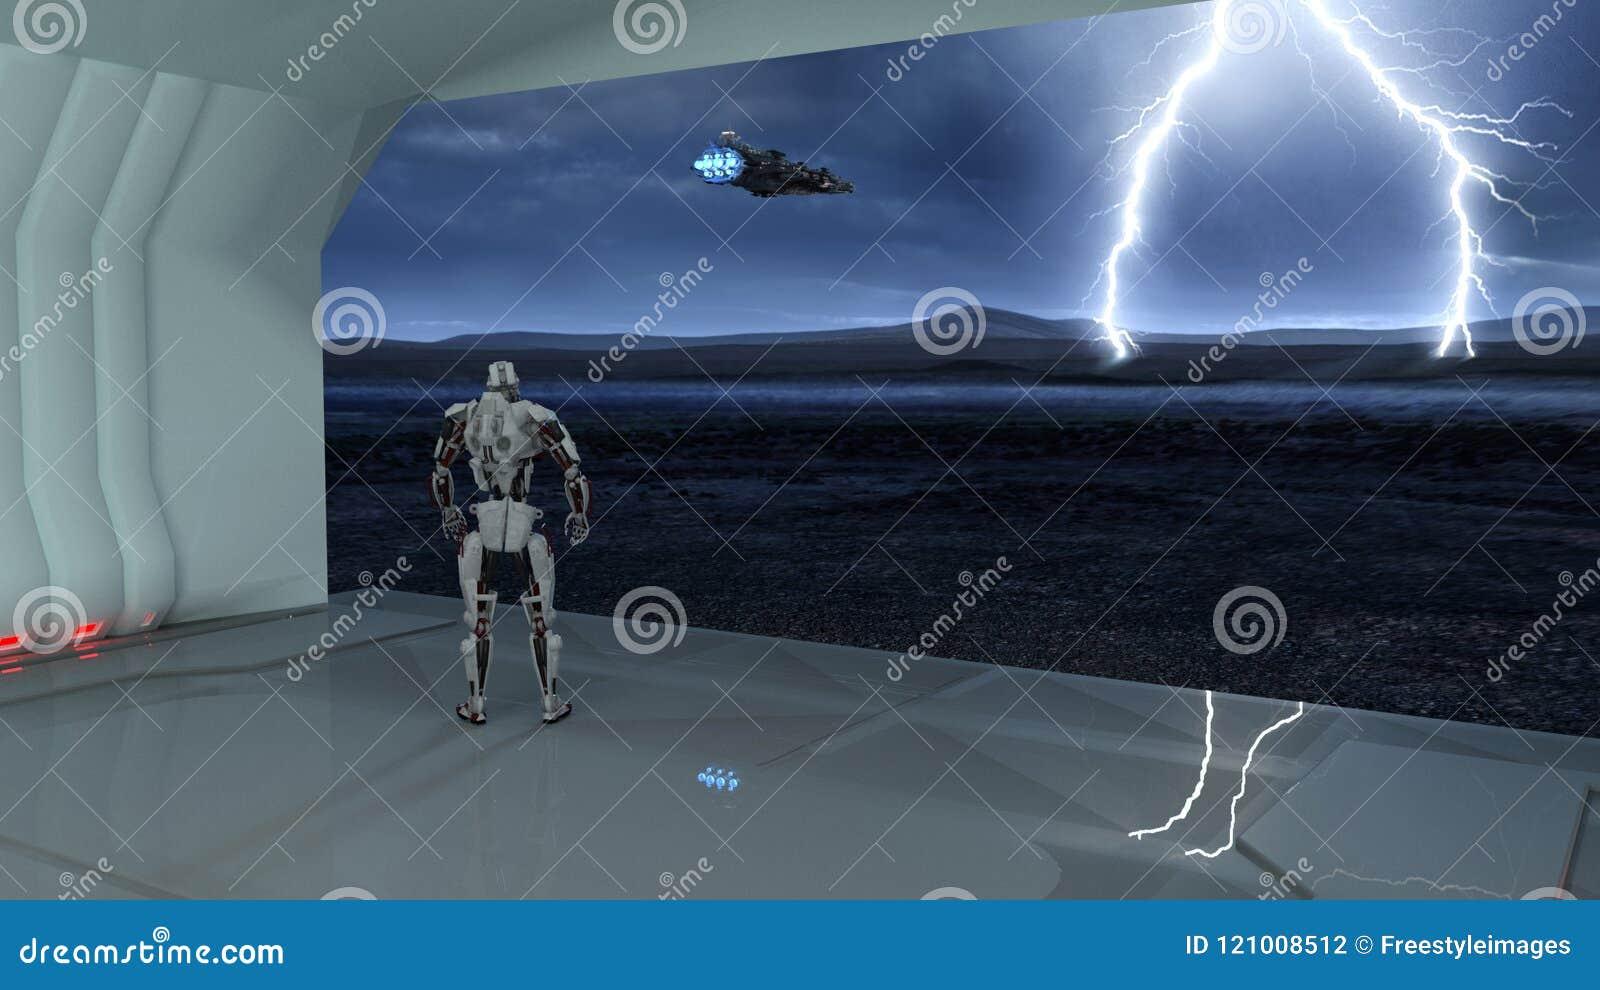 靠机械装置维持生命的人,在货舱的有人的特点的机器人观看太空飞船飞行入在离开的行星,机械机器人, 3D的一场风暴回报